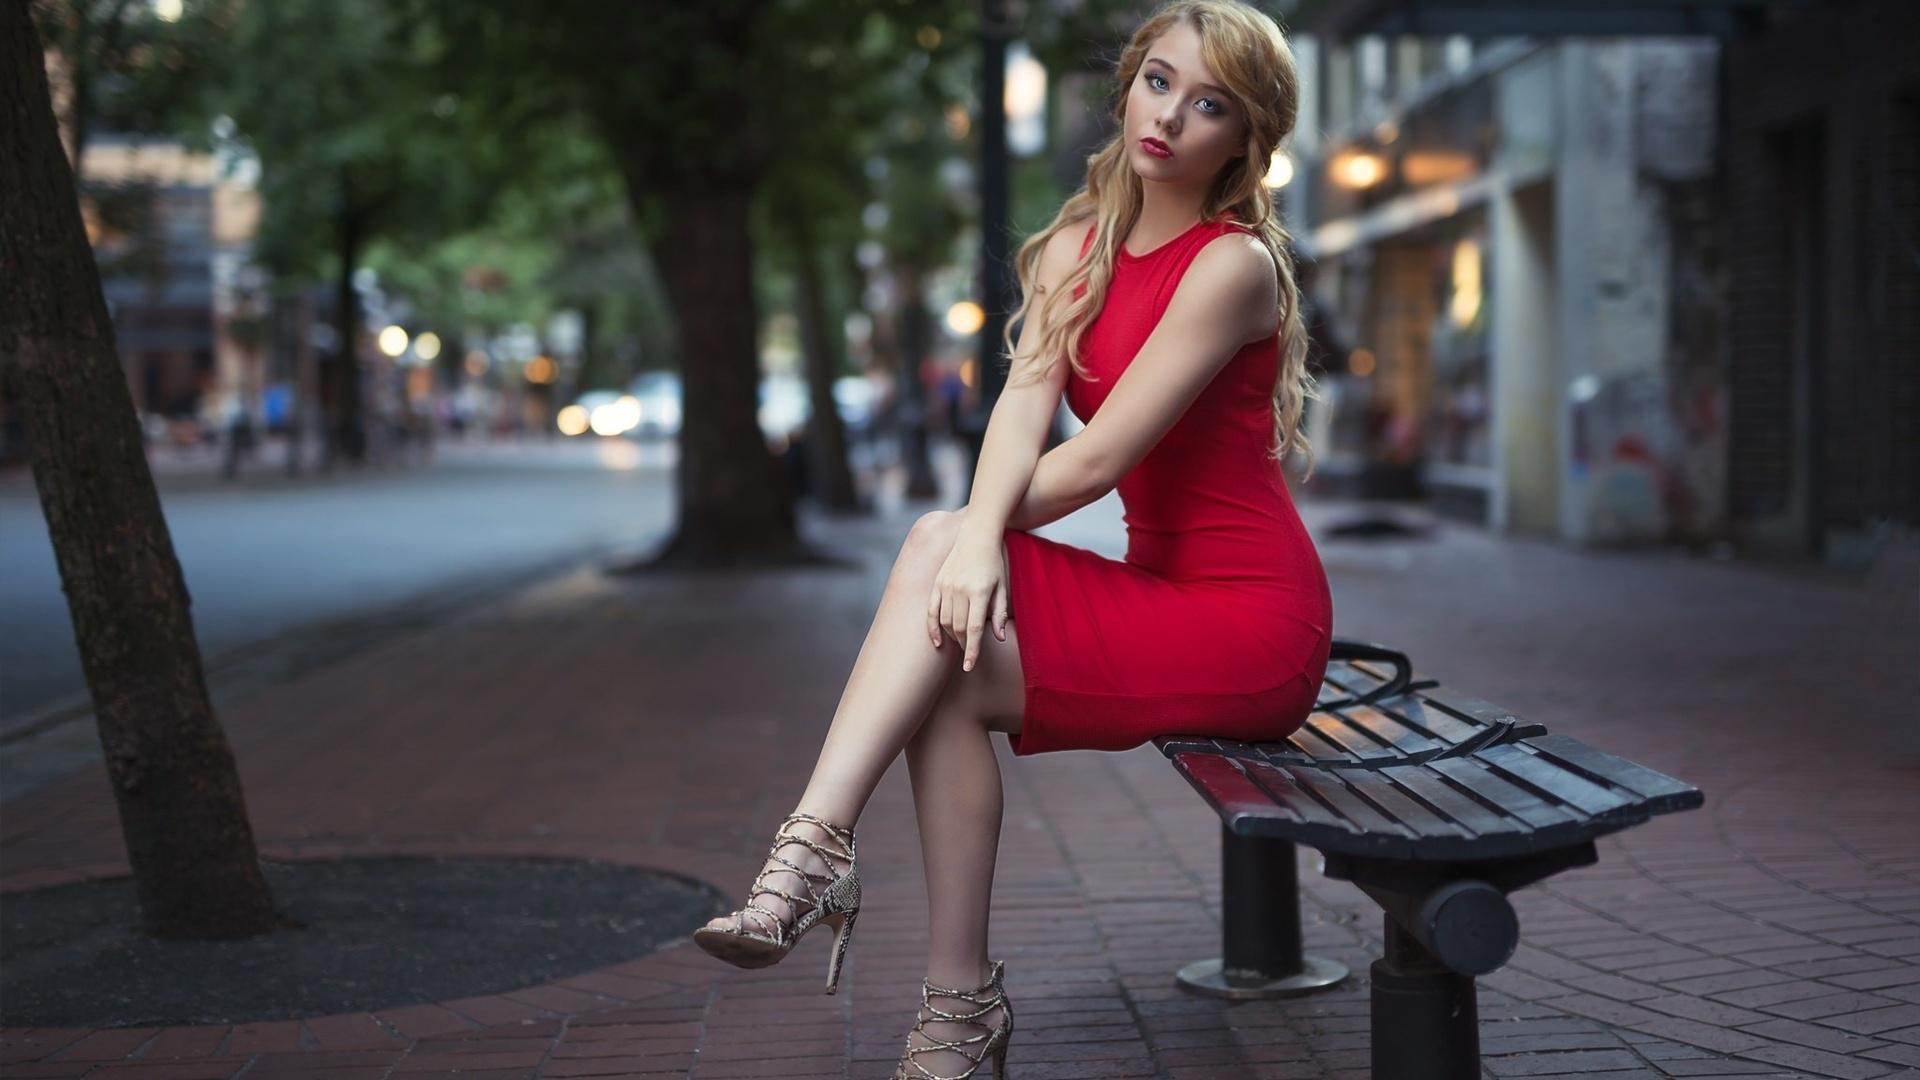 Ролики страшными красотки на улицах города видео